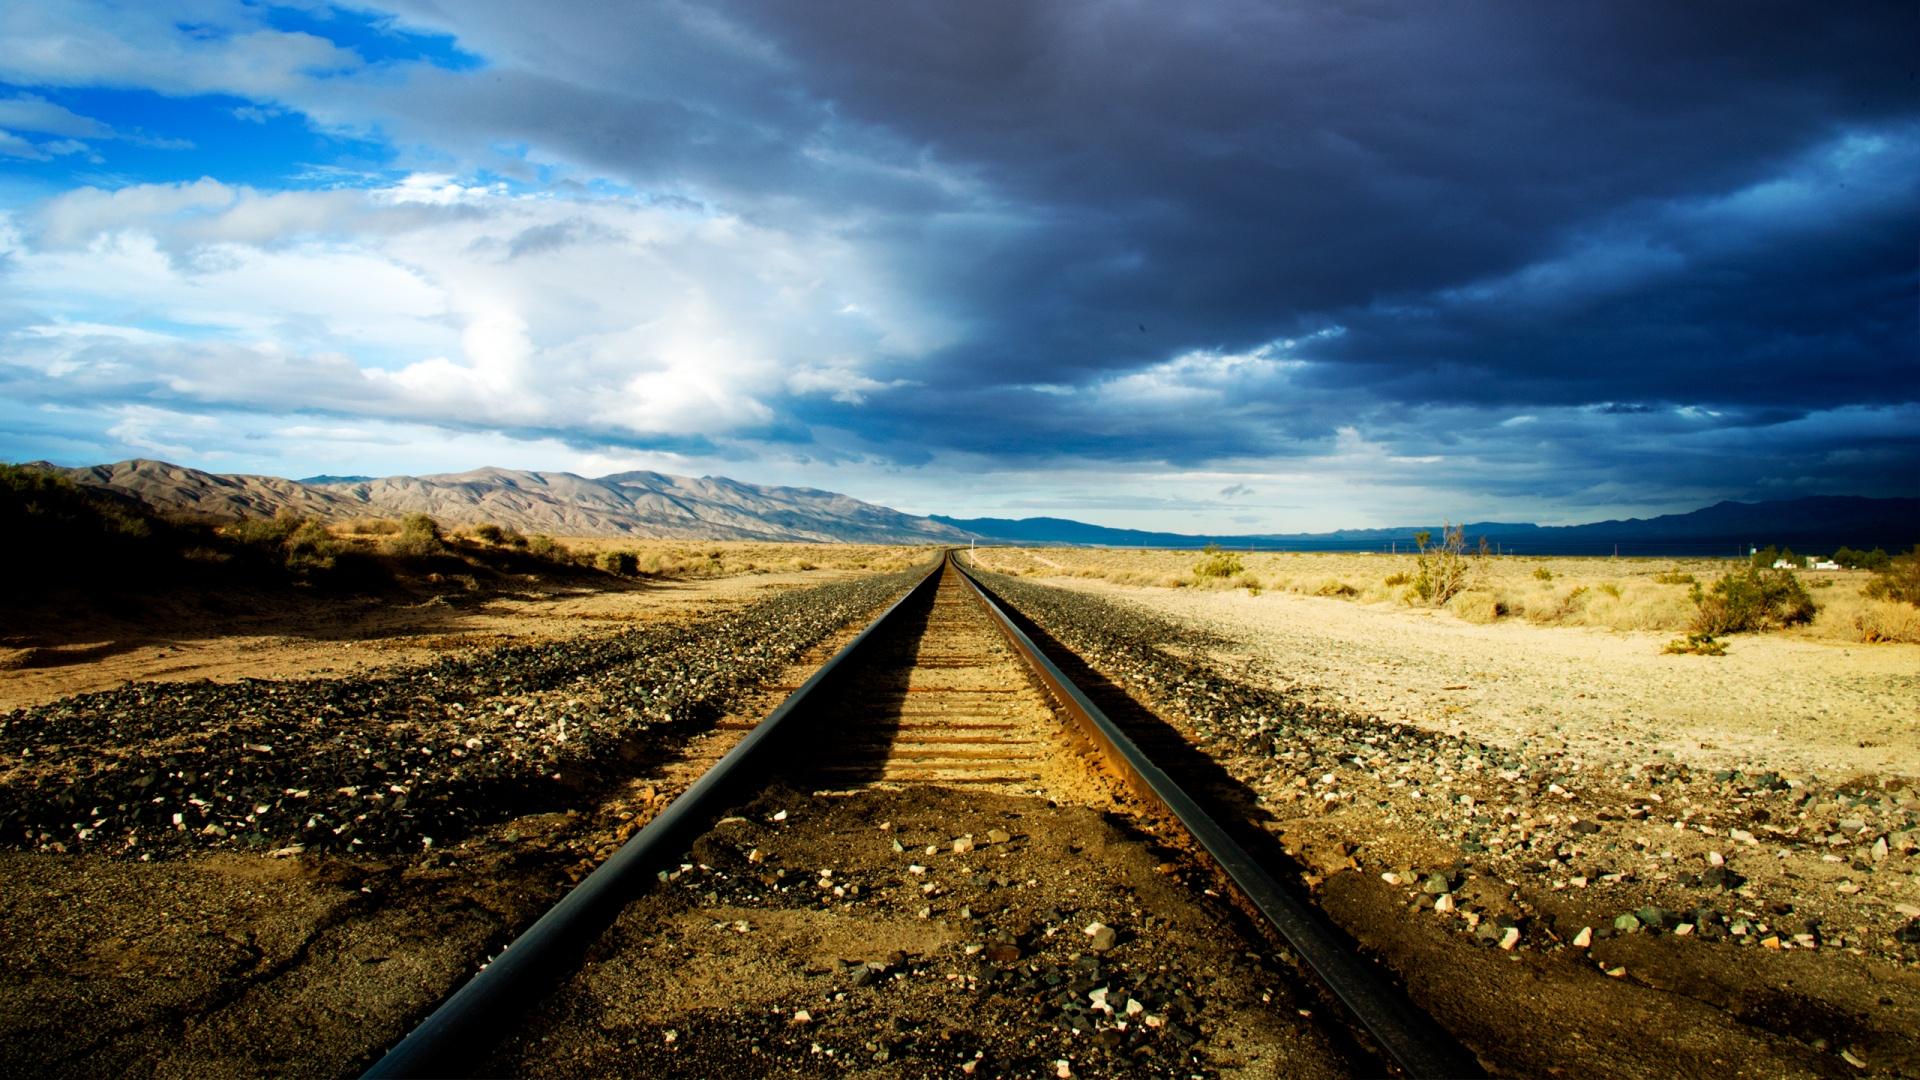 Hd Train Tracks Wallpaper Wallpapersafari